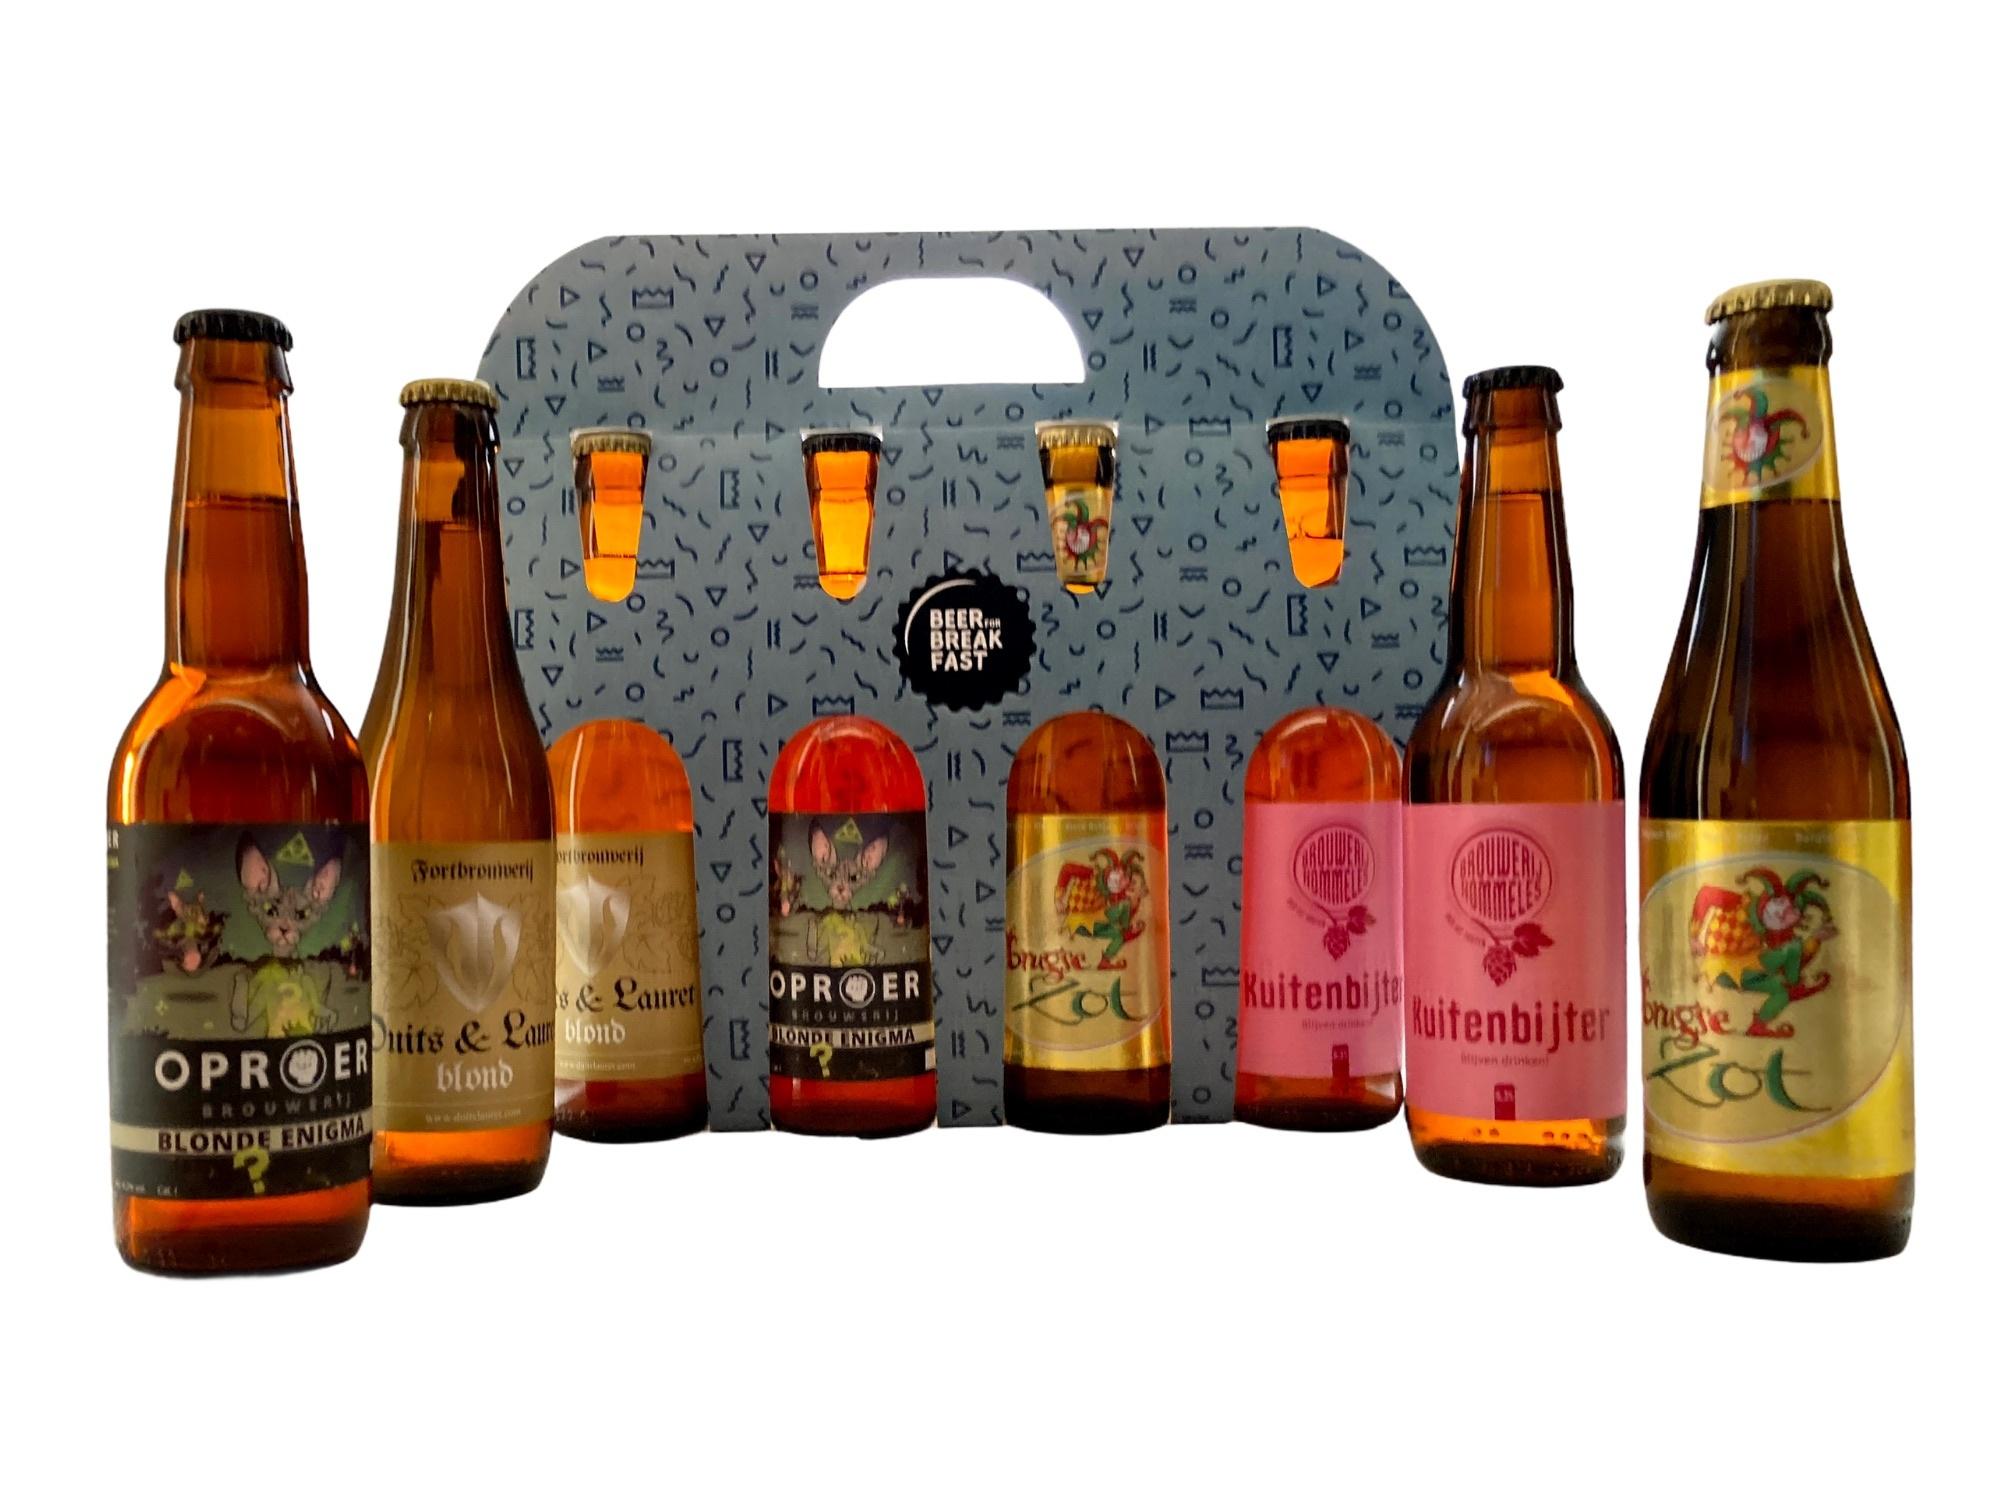 Bierpakket Blond-1